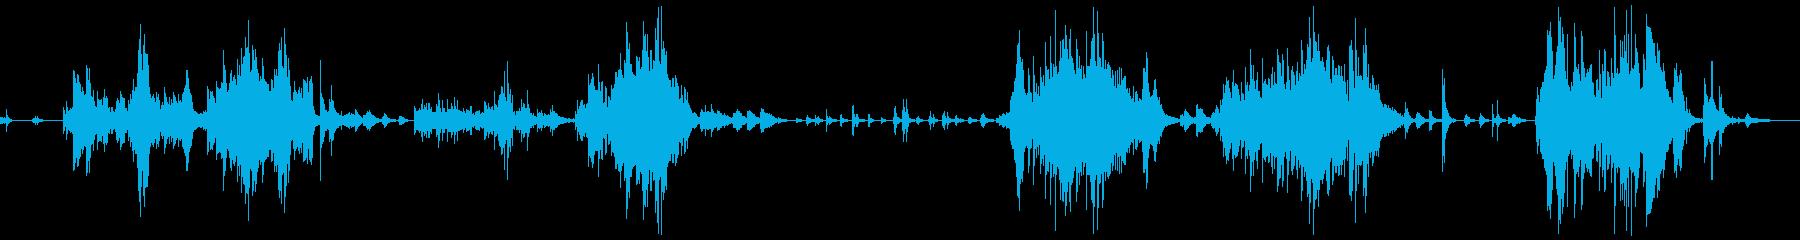 ピアノでドラマチックに描く「我は海の子」の再生済みの波形